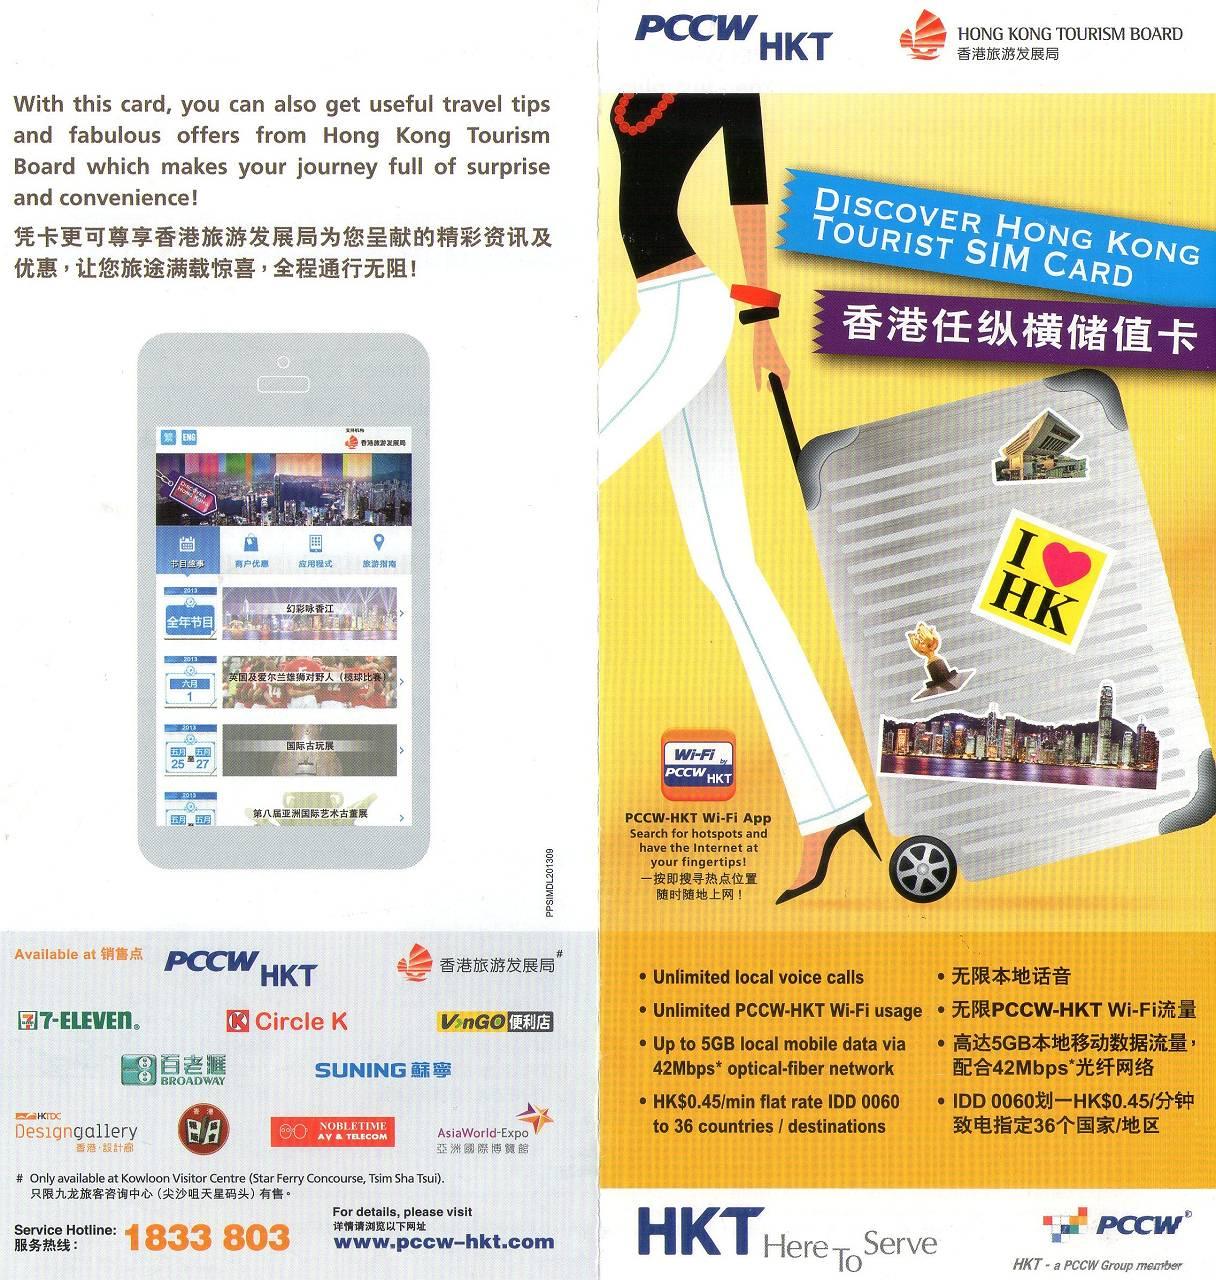 Discover_hong_kong_tourist_sim_ca_4